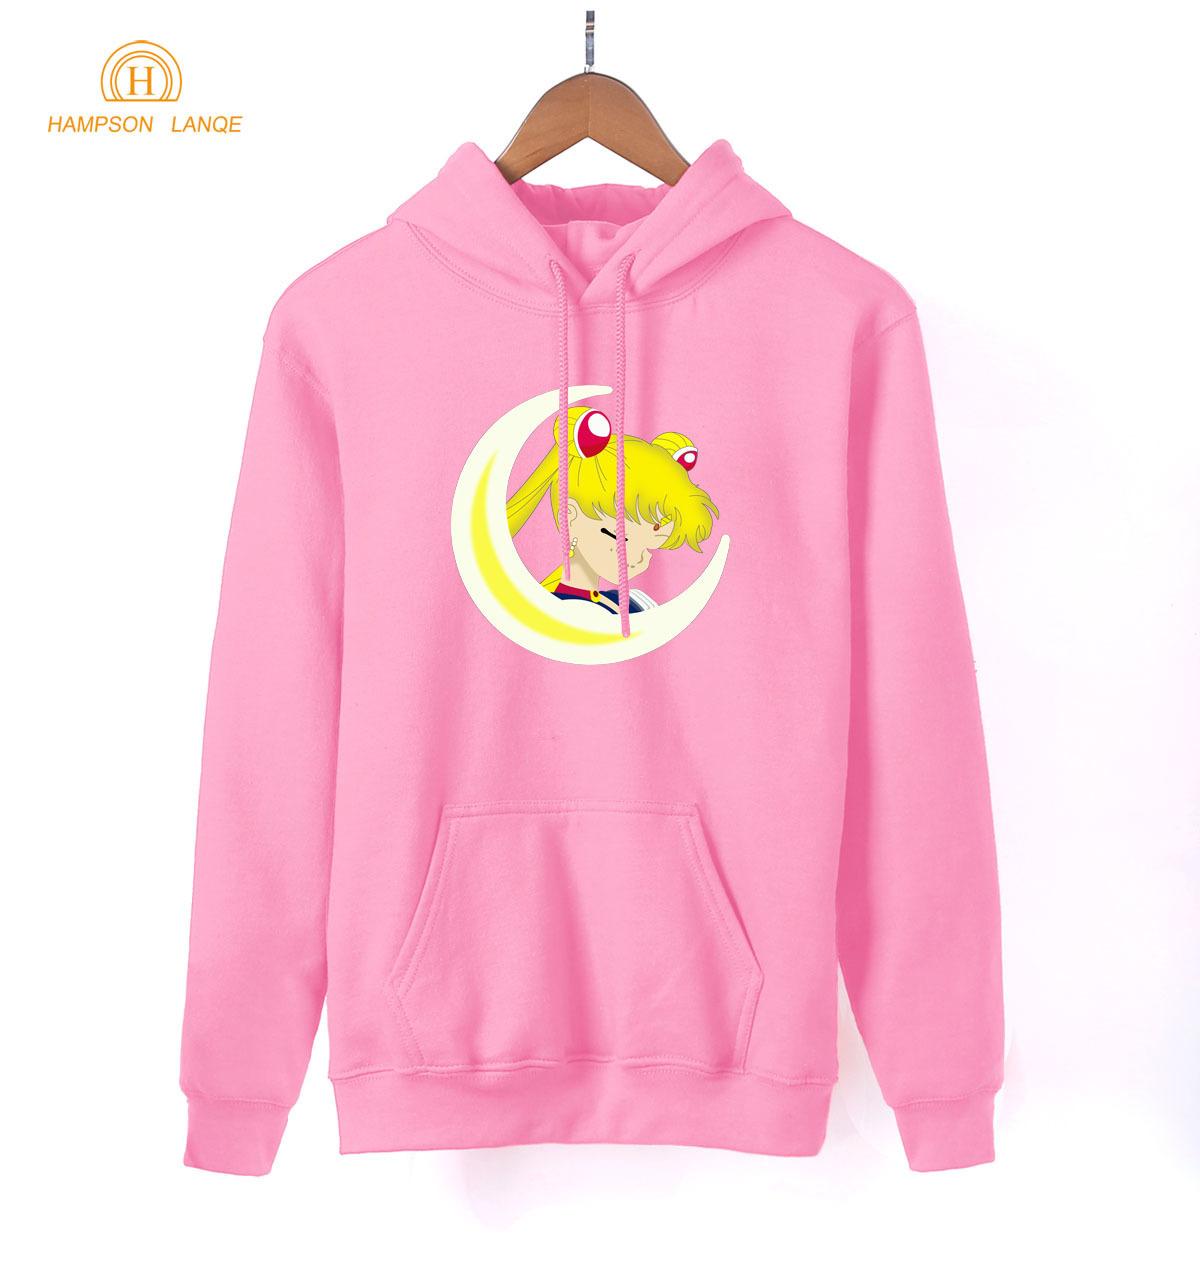 Japanese Anime Sailor Moon Print Cartoon Hoodies Adult 2019 Spring Autumn Long Sleeve Sweatshirts Women K-pop Pink Color Hoodie